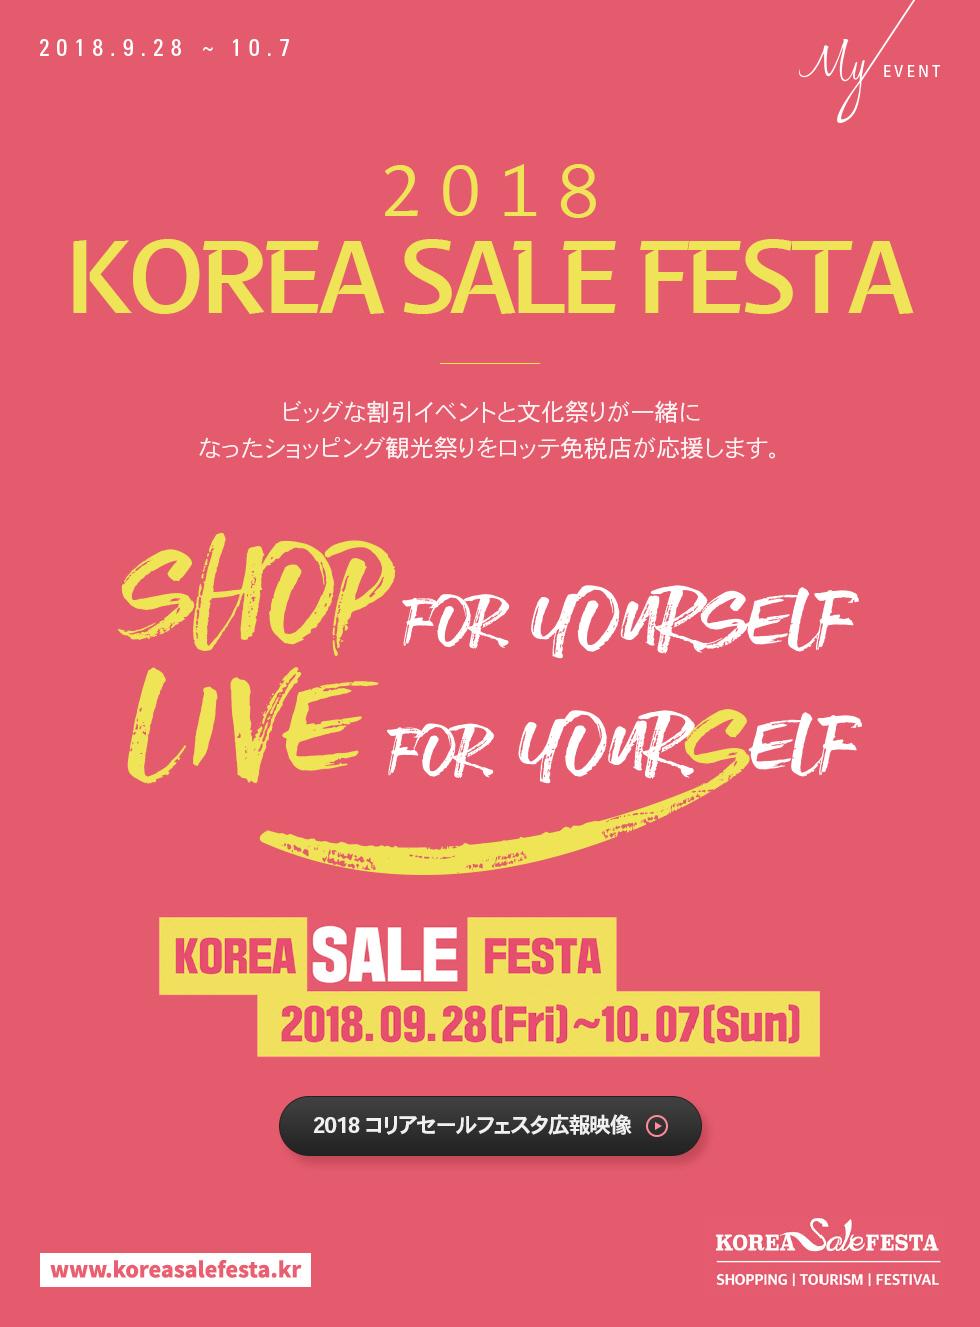 2018 KOREA SALE FESTA